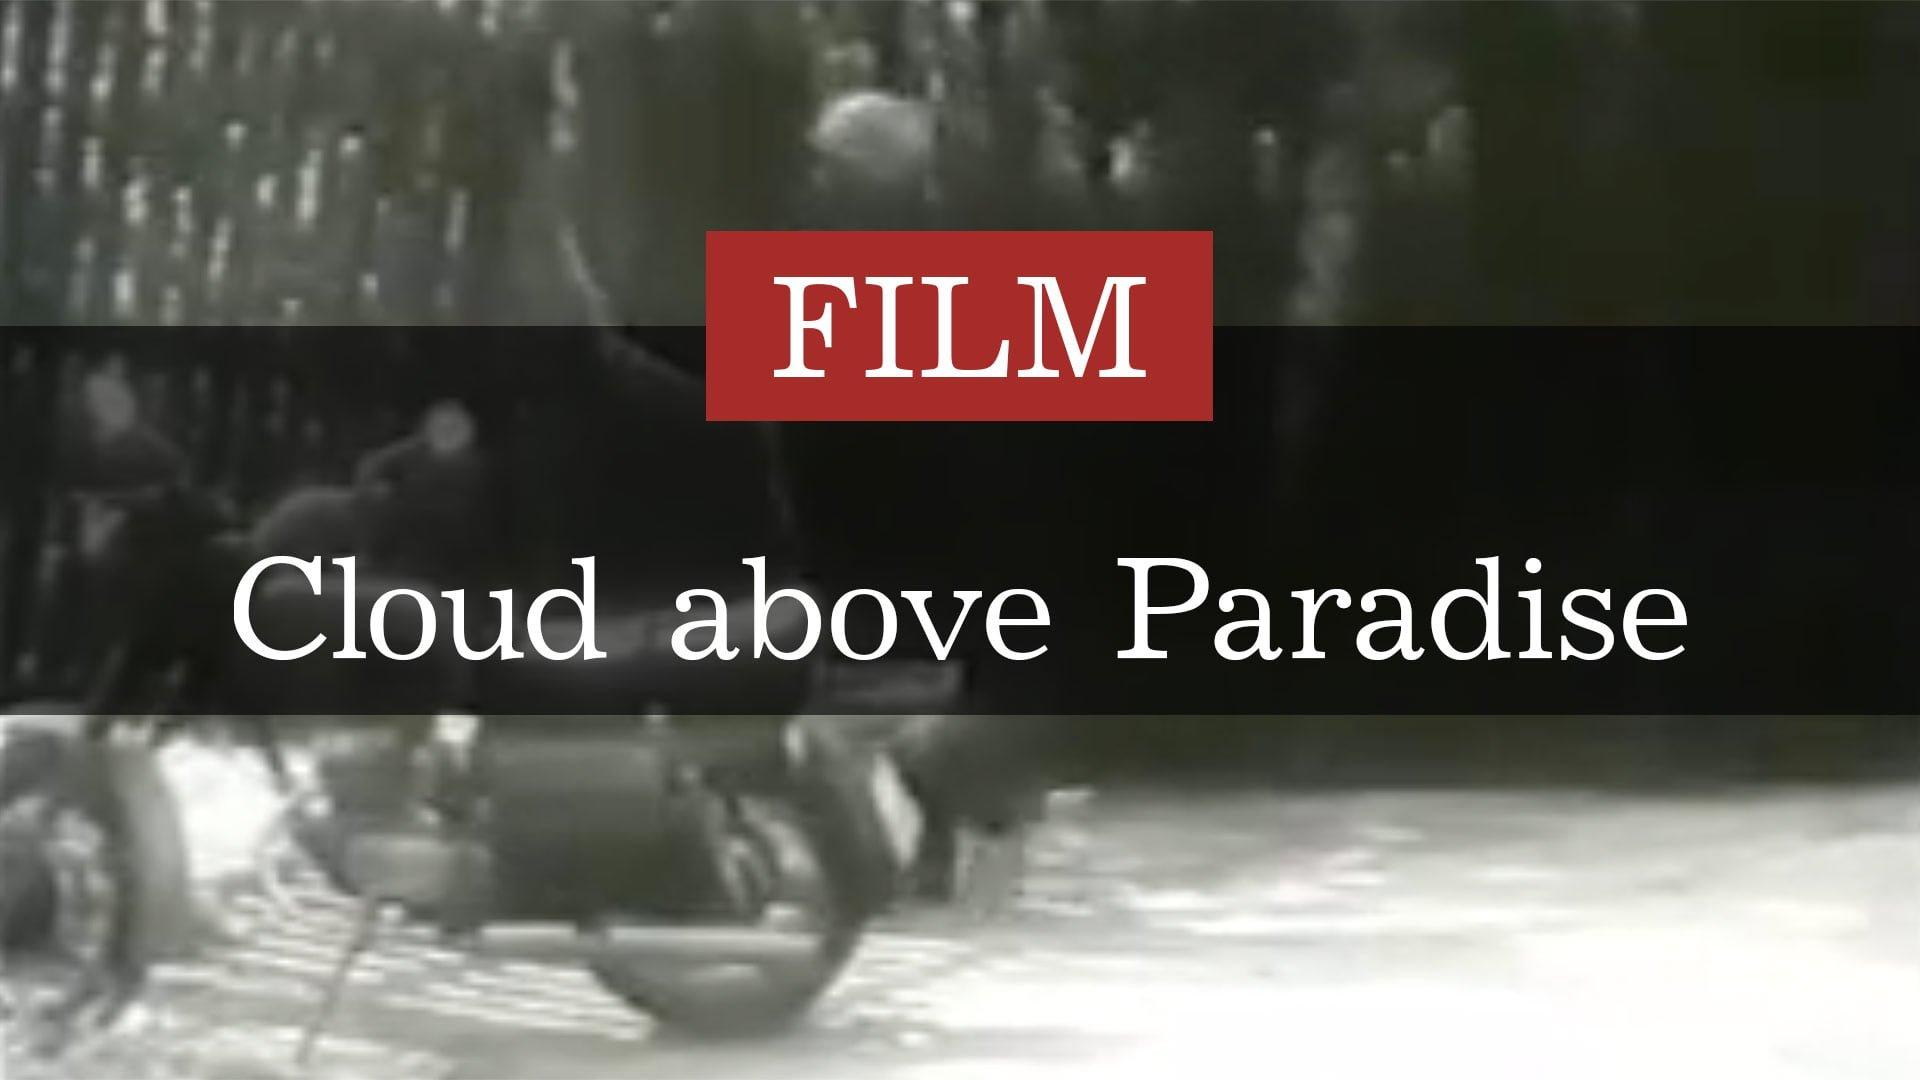 Film-Cloud-above-paradise